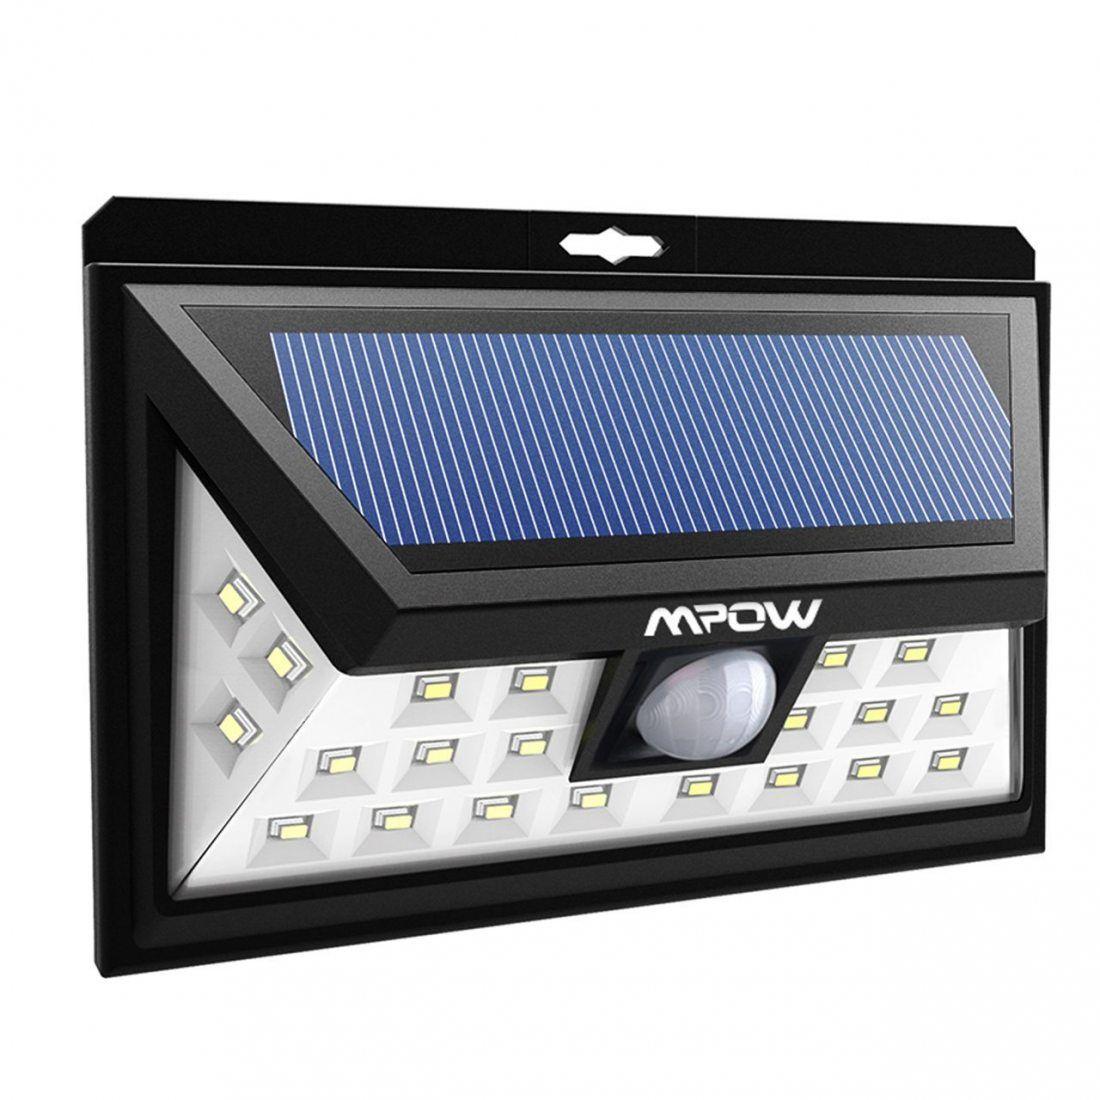 [Nouvelle Version] 24 LED Lampe Solaire Extétieur IP65 étanche sans fil Mpow Luminaire Exterieur 528 Lumens Détecteur de Mouv